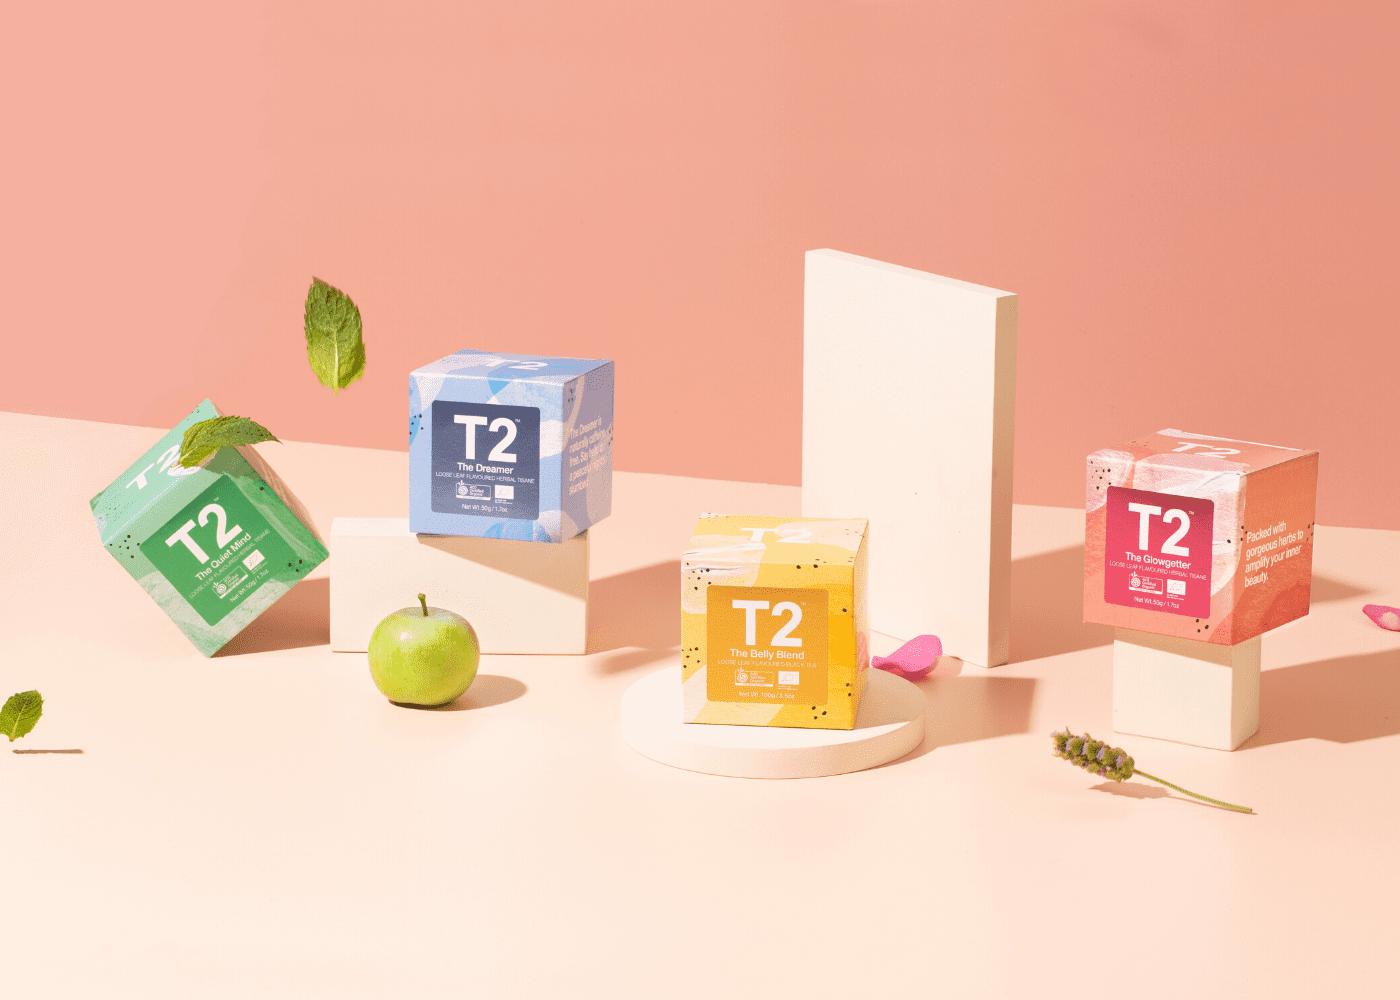 t2 tea boxes